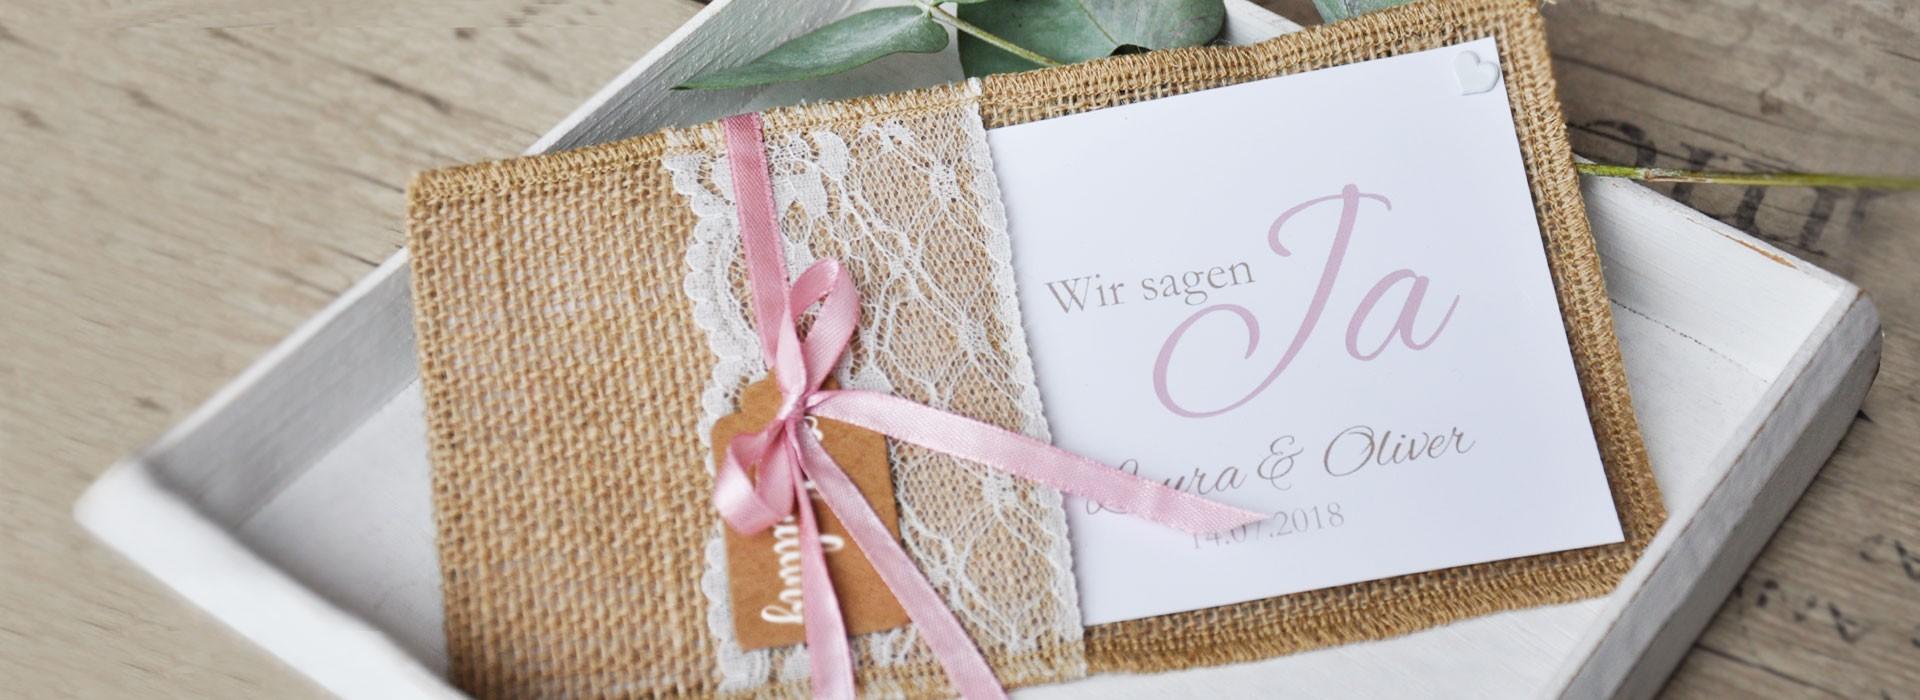 Zauberhafte Hochzeitseinladungen mit kostenlosem Gestaltungsservice